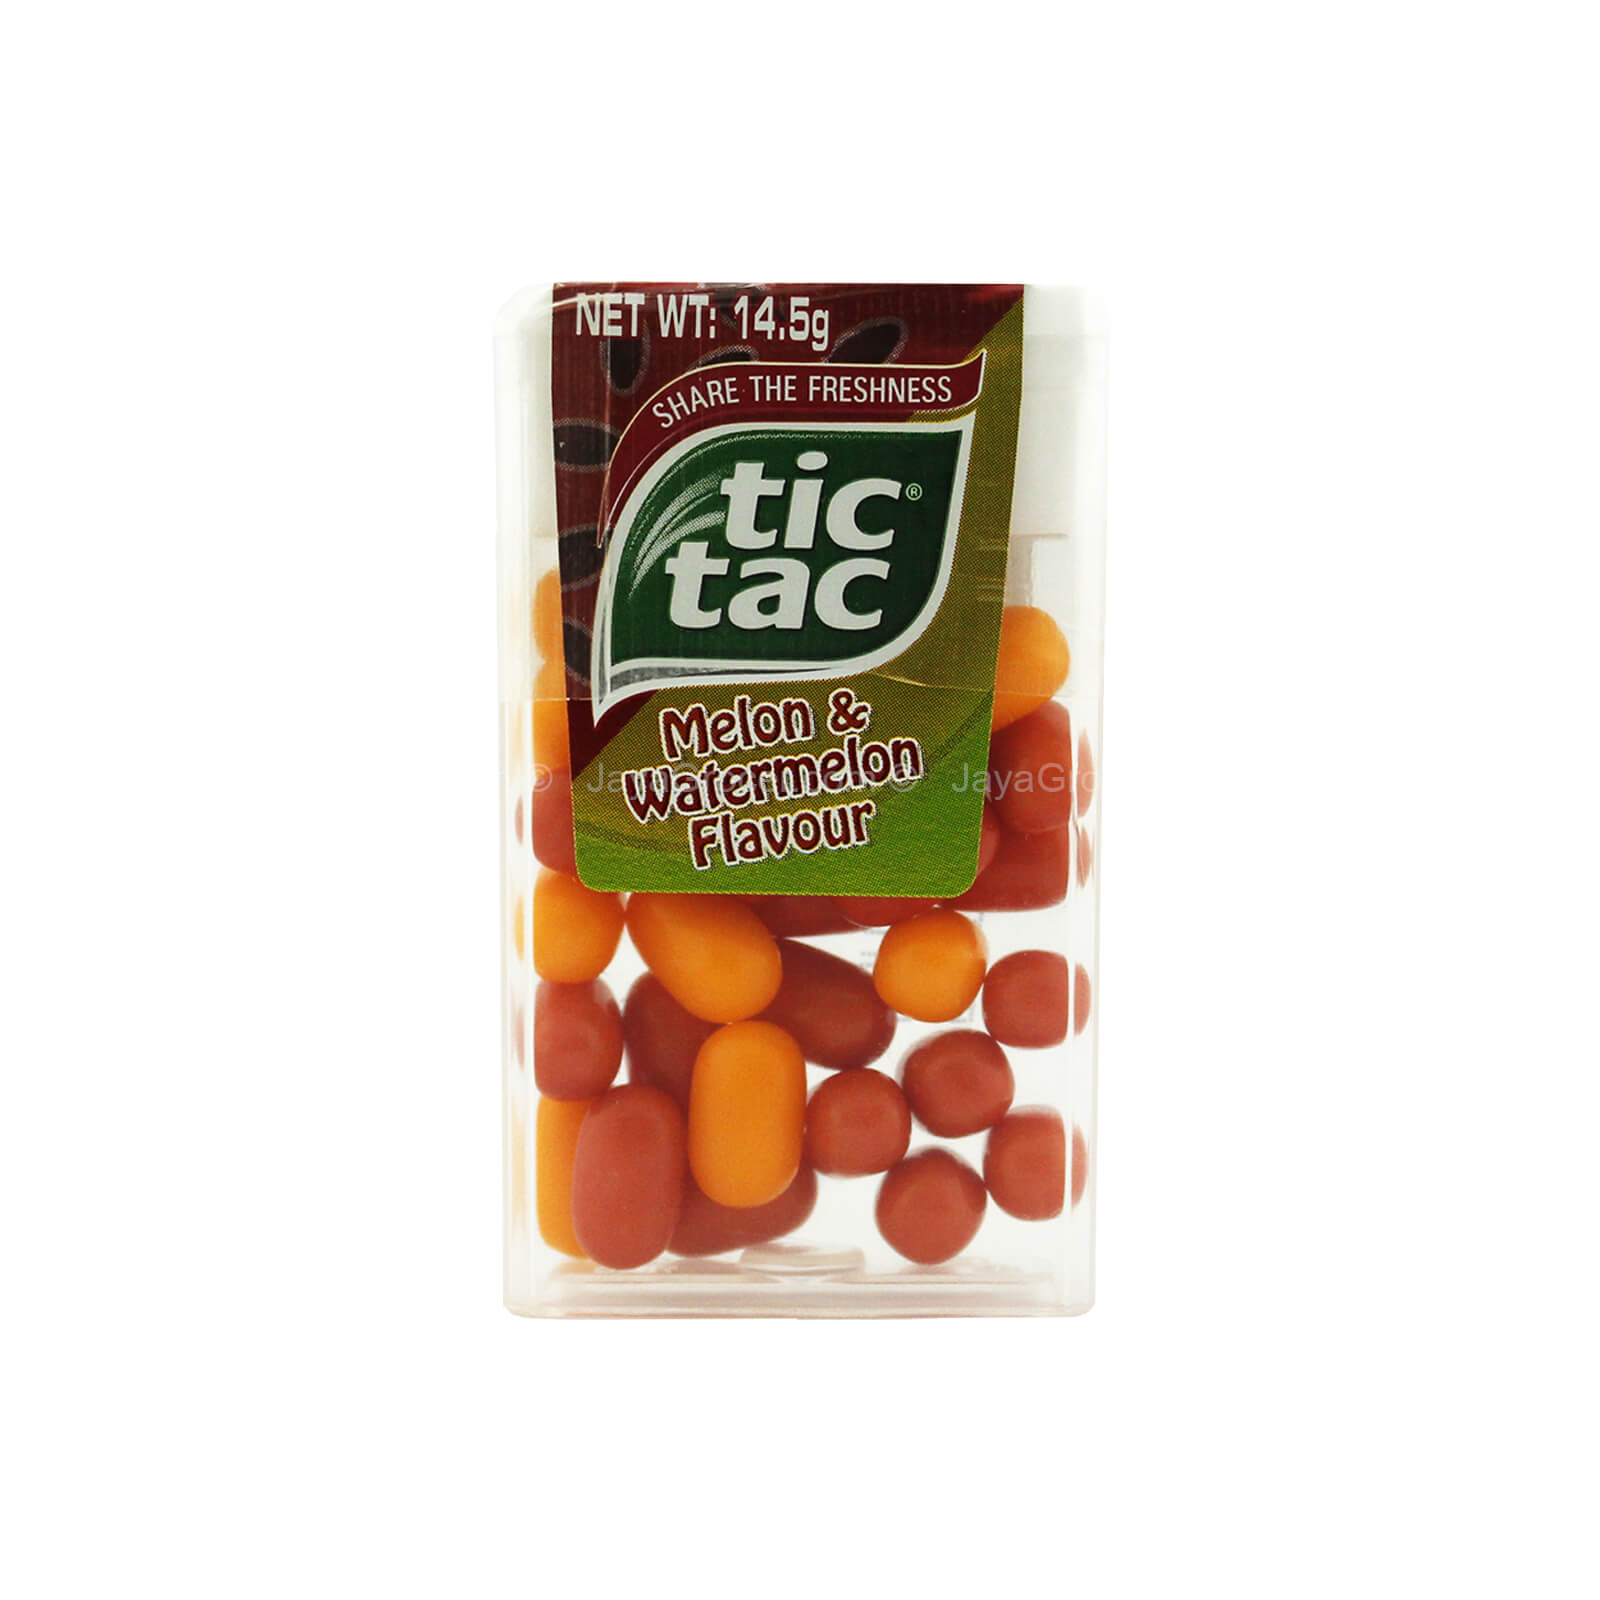 tic tac melon watermelon 1 box 1 end 12 12 2020 12 00 am